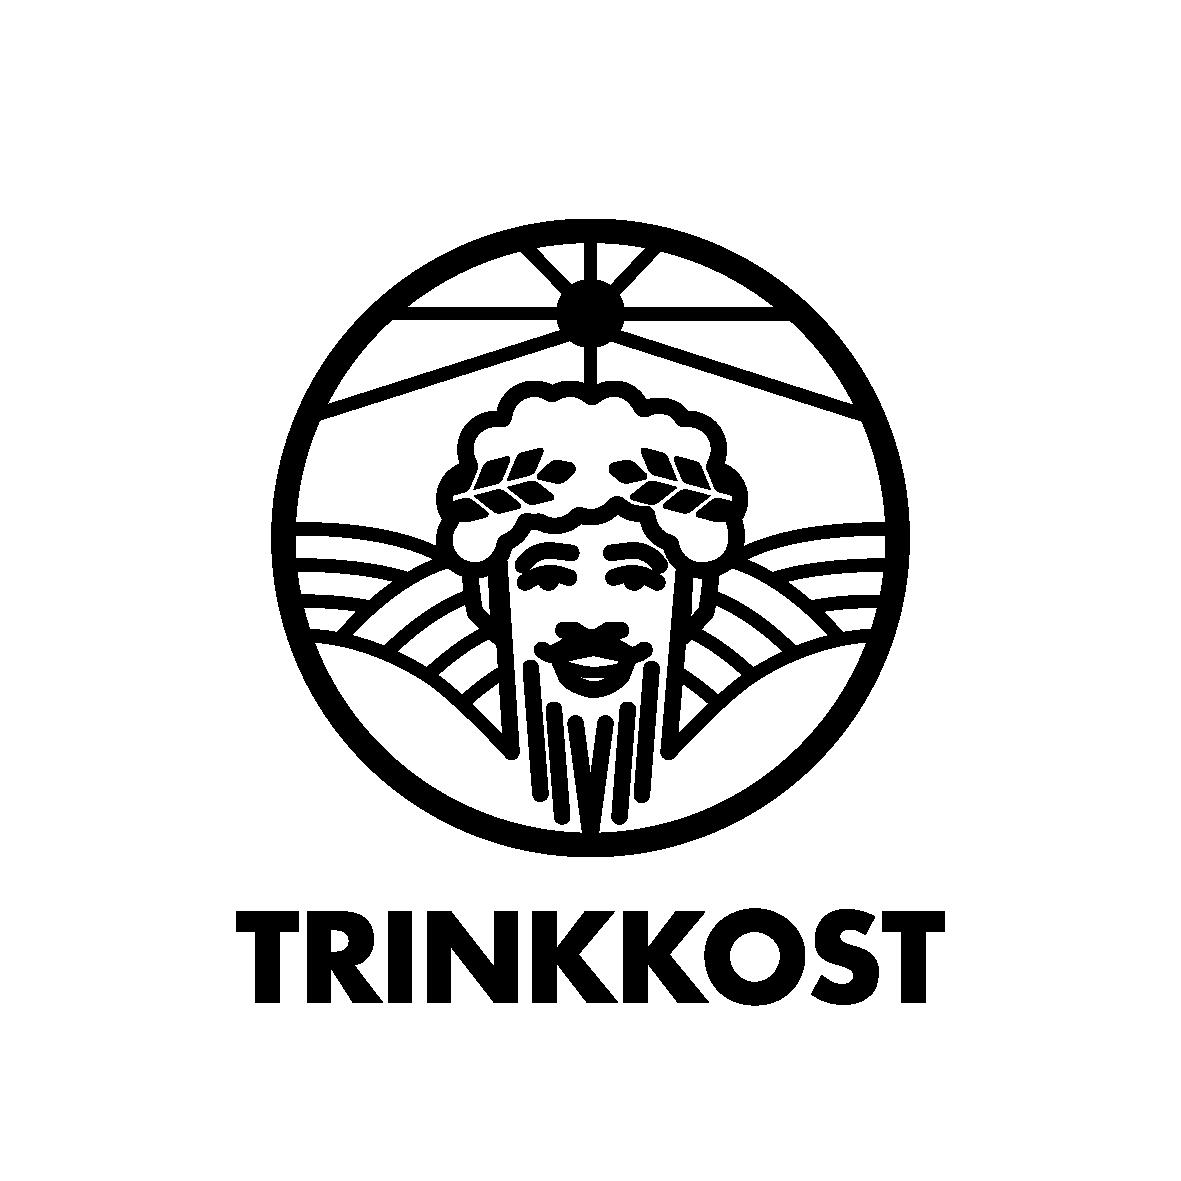 TRINKKOST